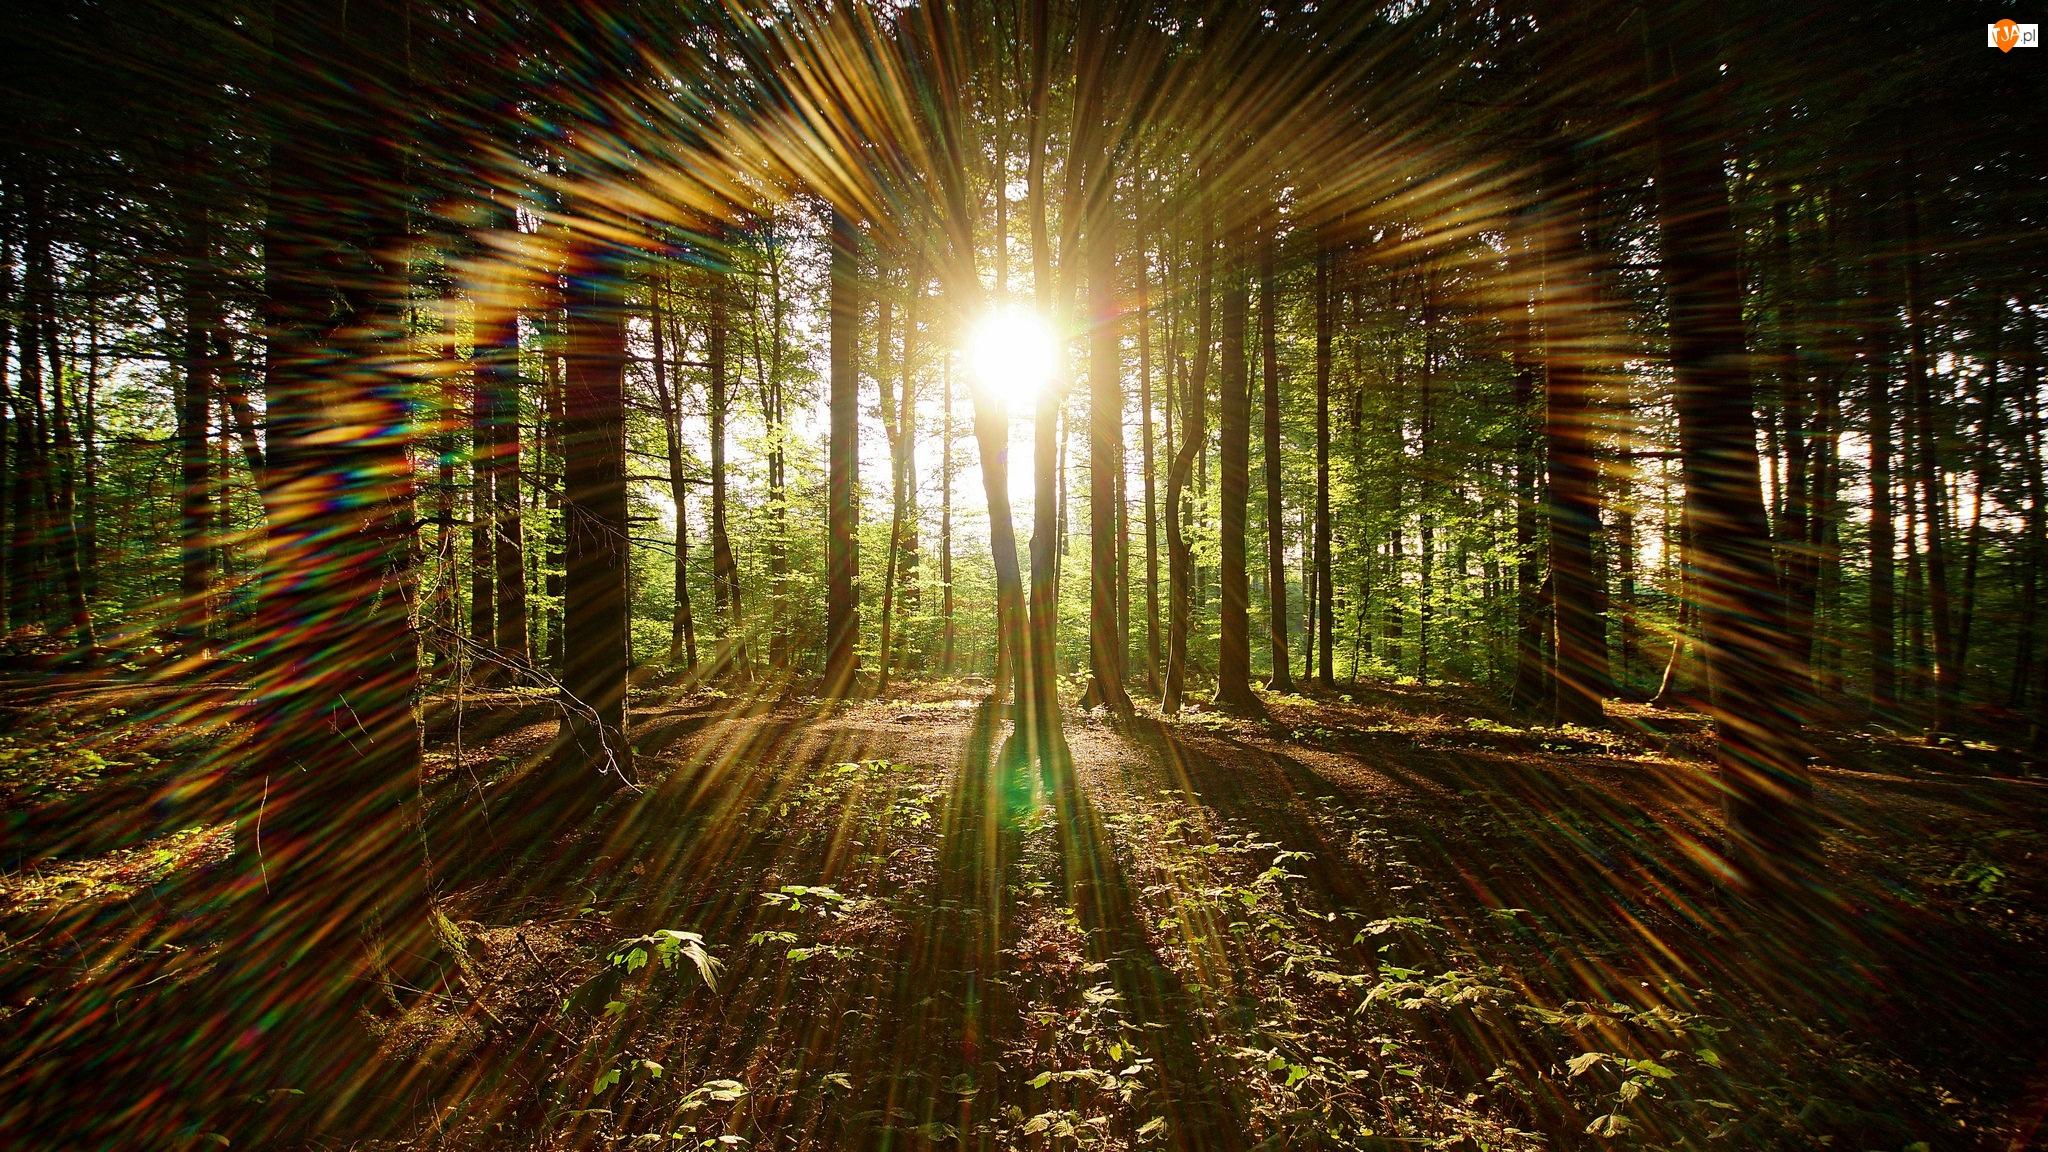 Przebijające światło, Las, Słońce, Drzewa